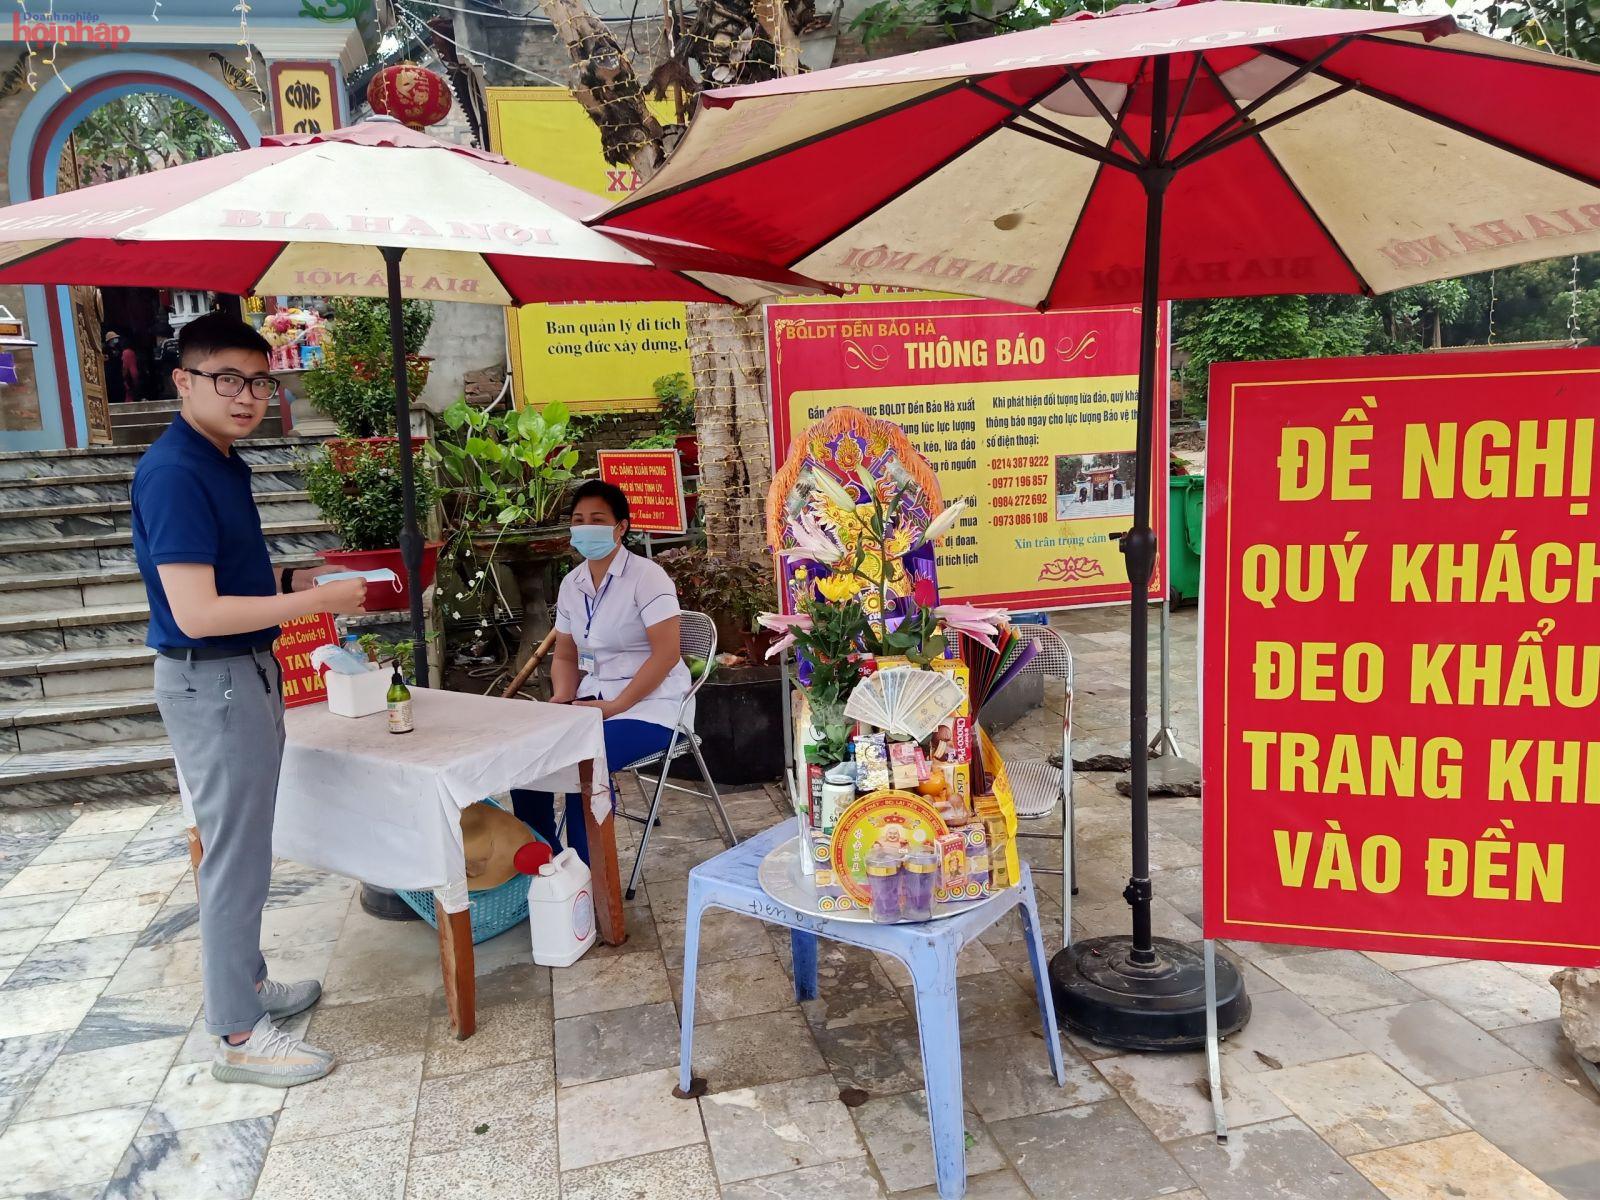 Khách tới nhận khẩu trang miễn phí ngay tại cổng đền Bảo Hà